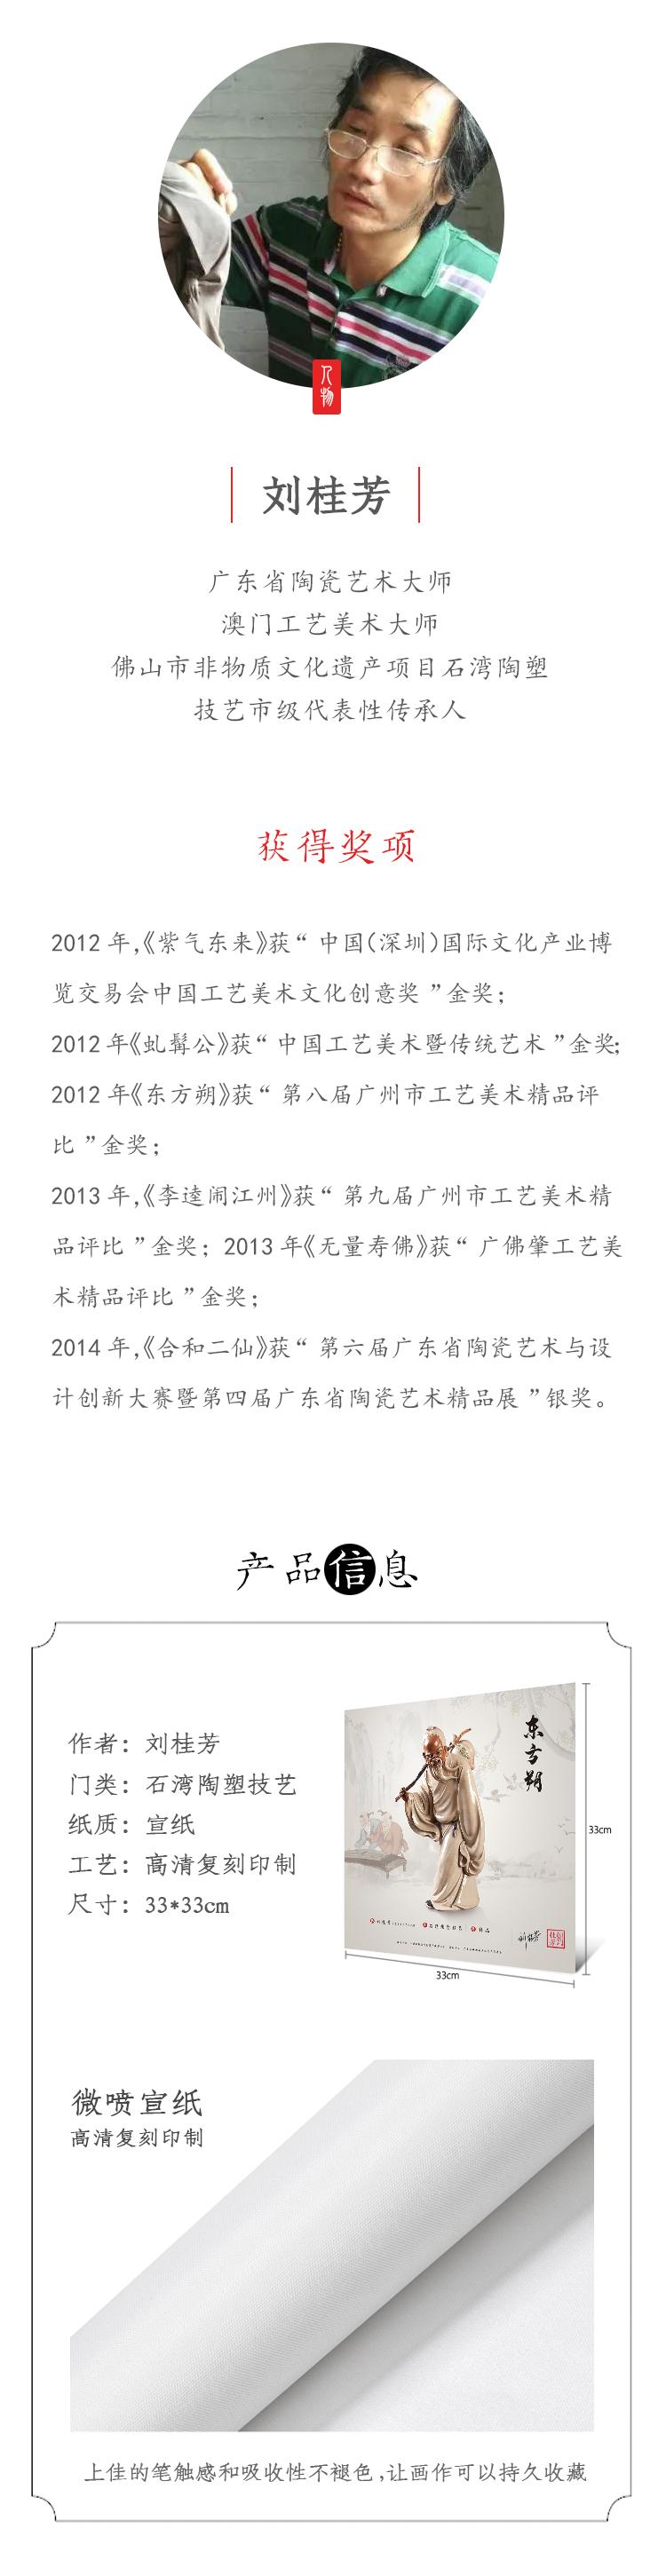 刘桂芳-东方朔_06.jpg